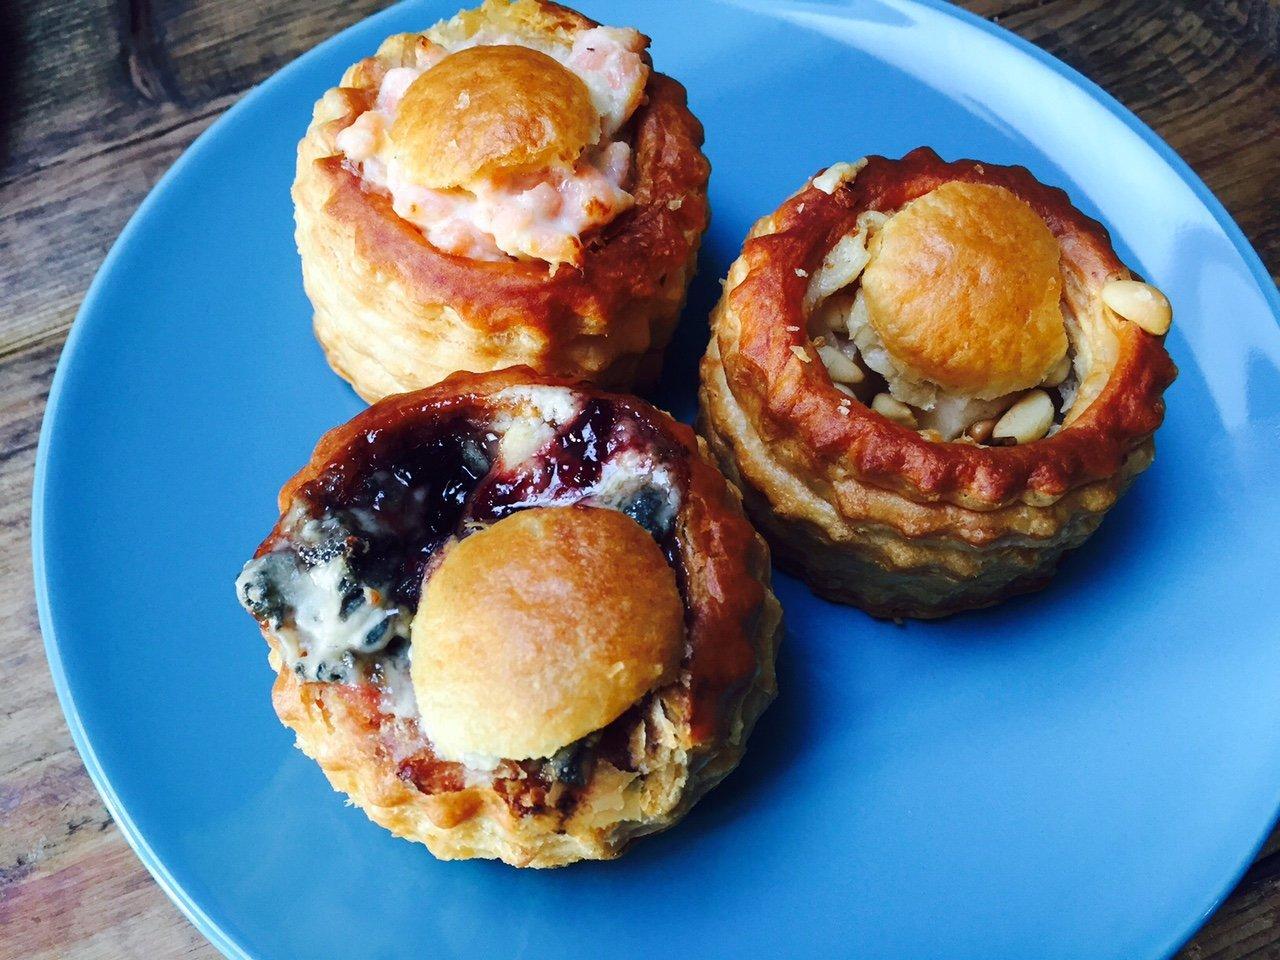 recepten voor gevulde ragoutbakjes foodblog Foodinista